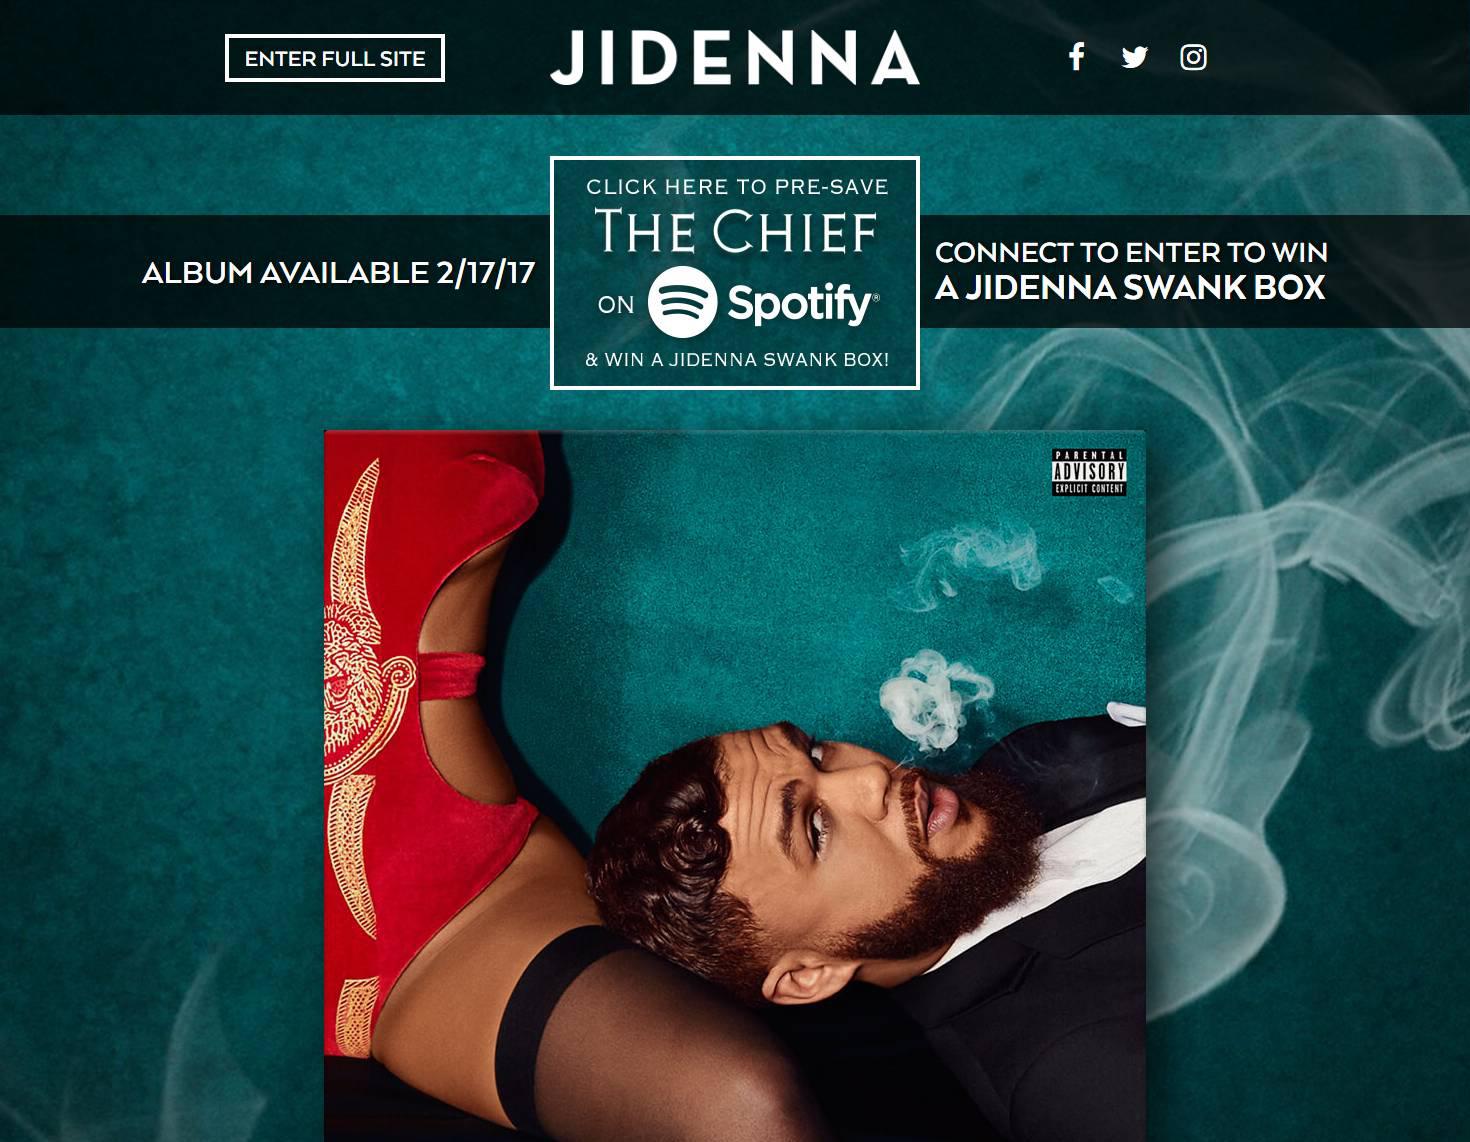 Jidenna Pre-Save for Spotify, Jidenna Presave For Spotify, Jidenna Spotify Pre-Save